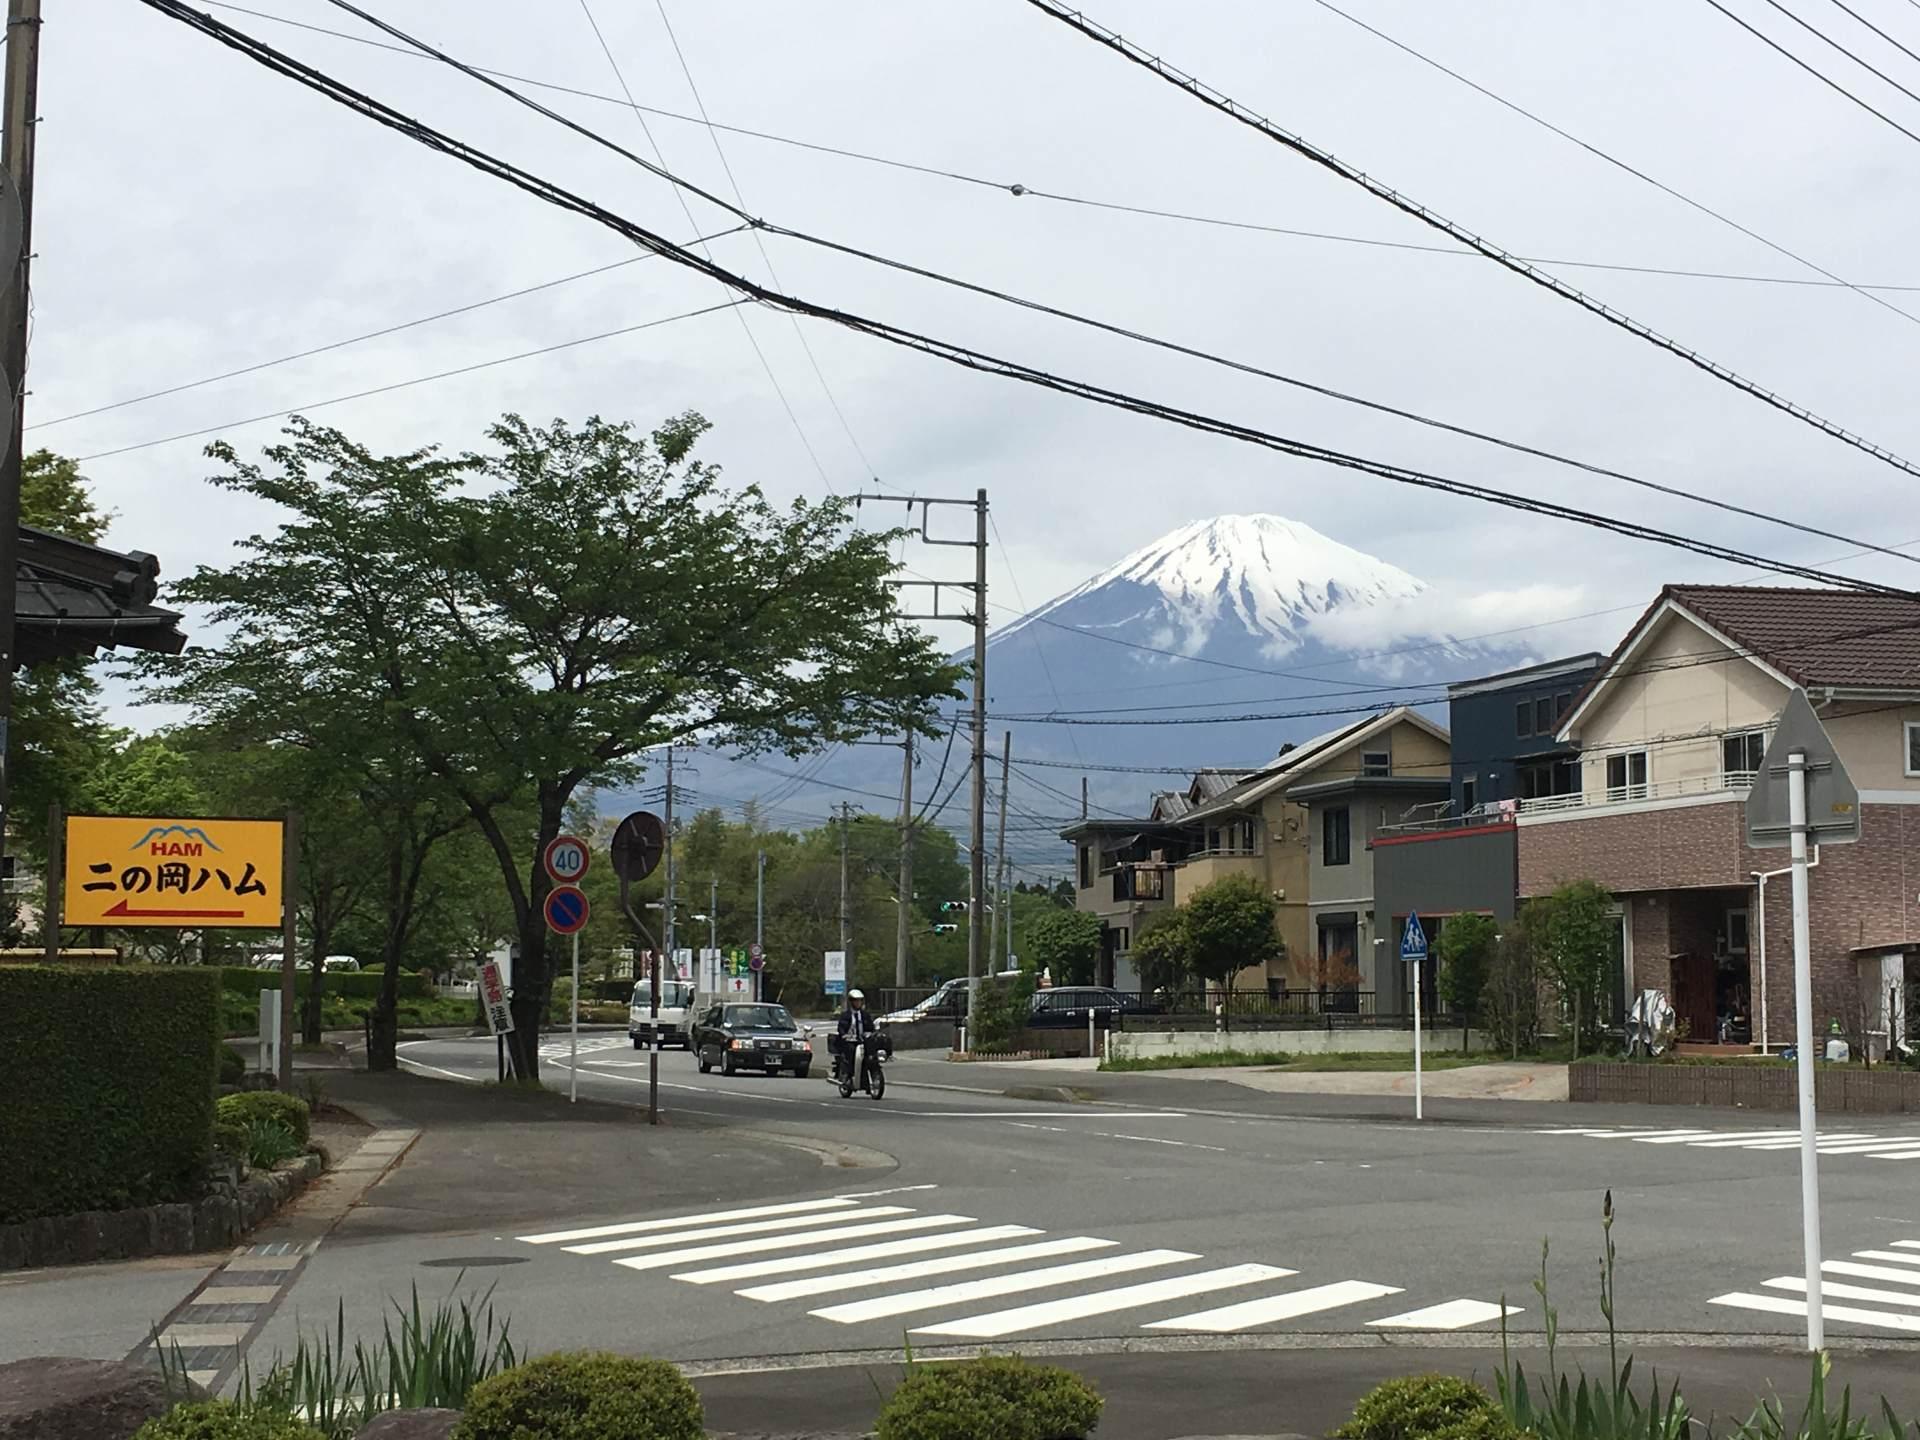 從「二岡火腿」望去的富士山